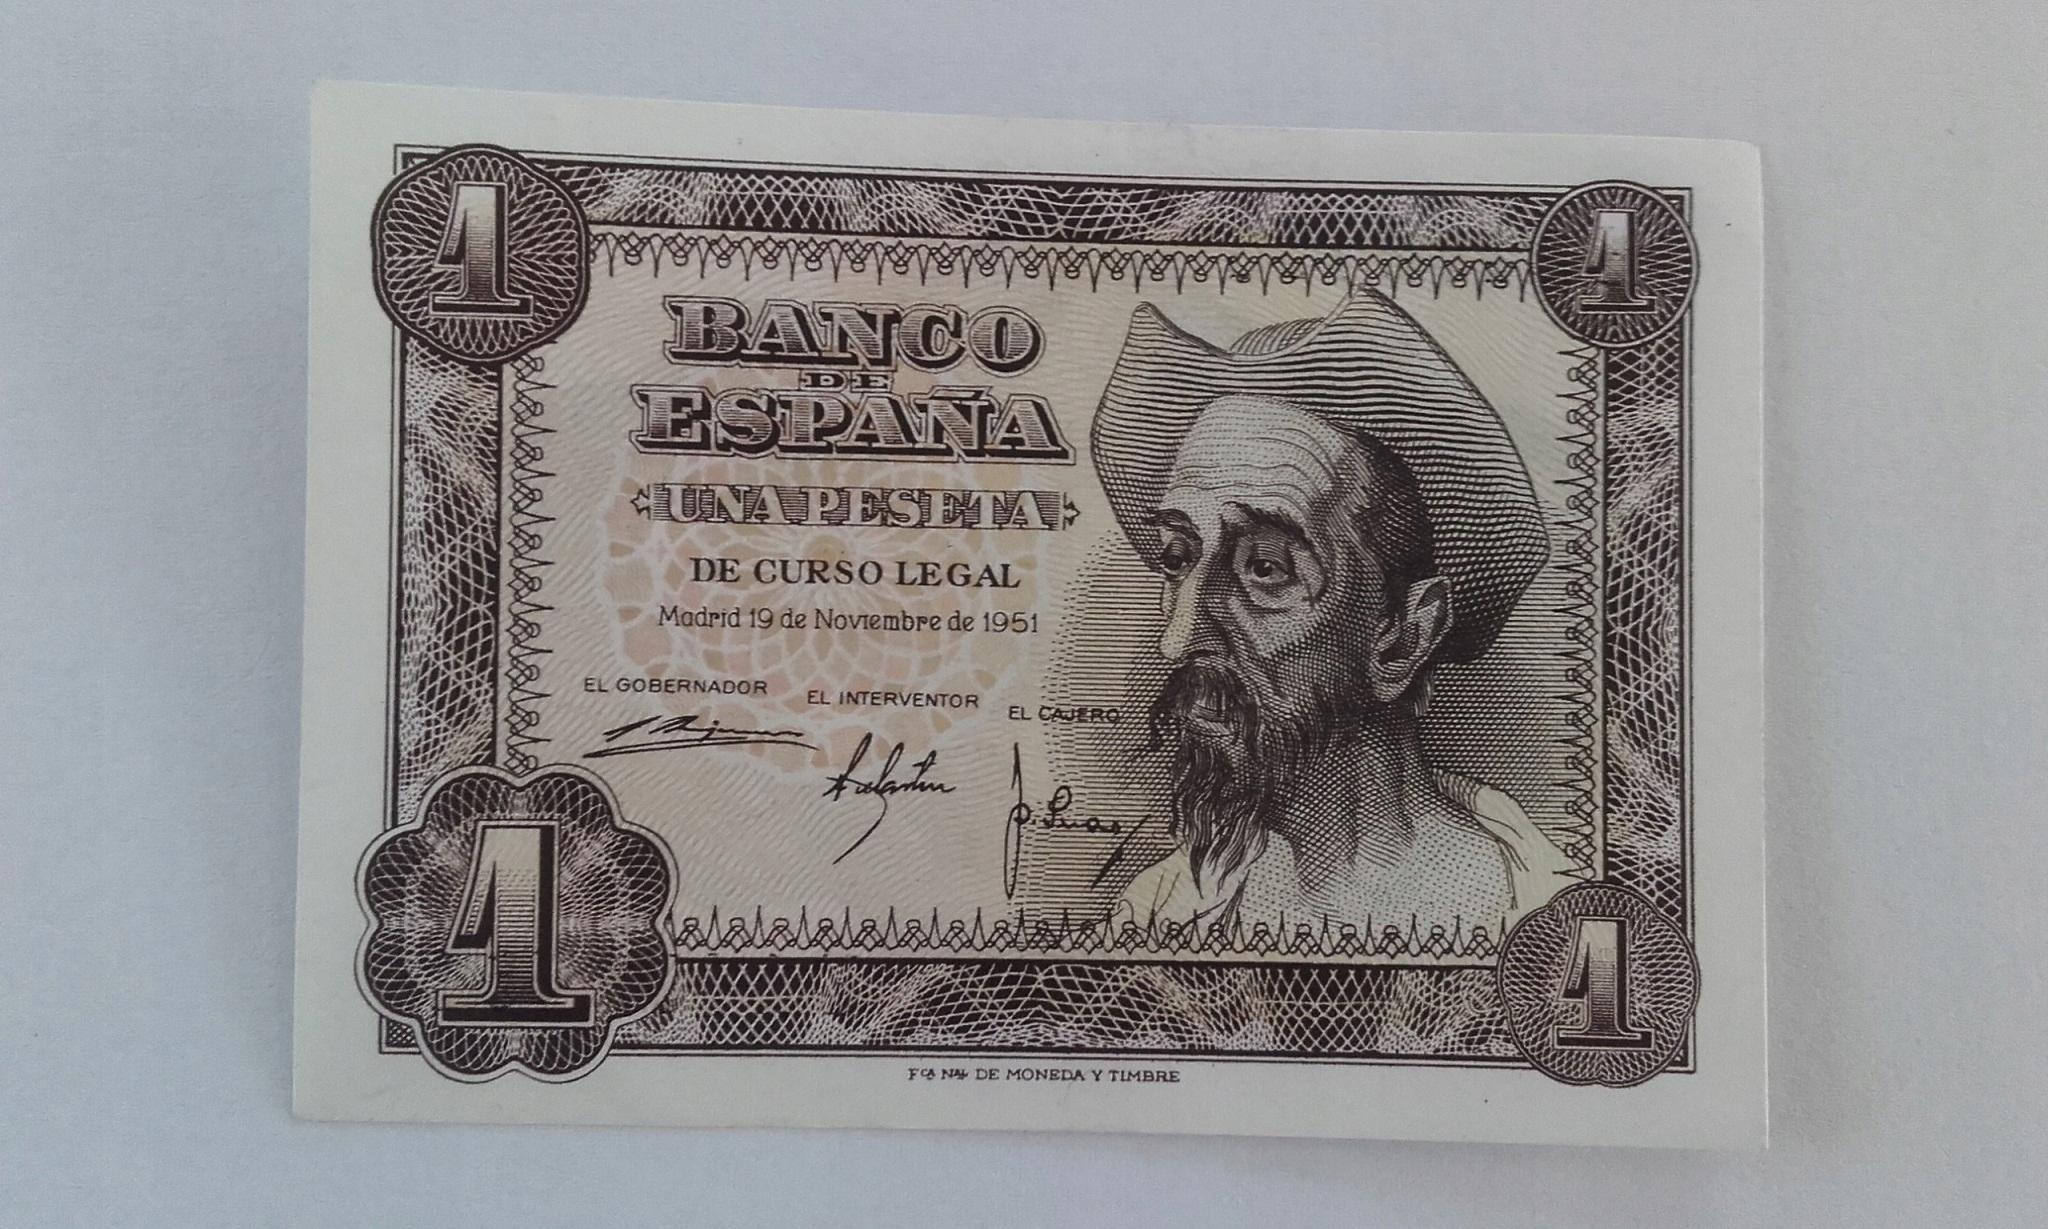 HISZPANIA 1 PESETA 1951 P139 (221)